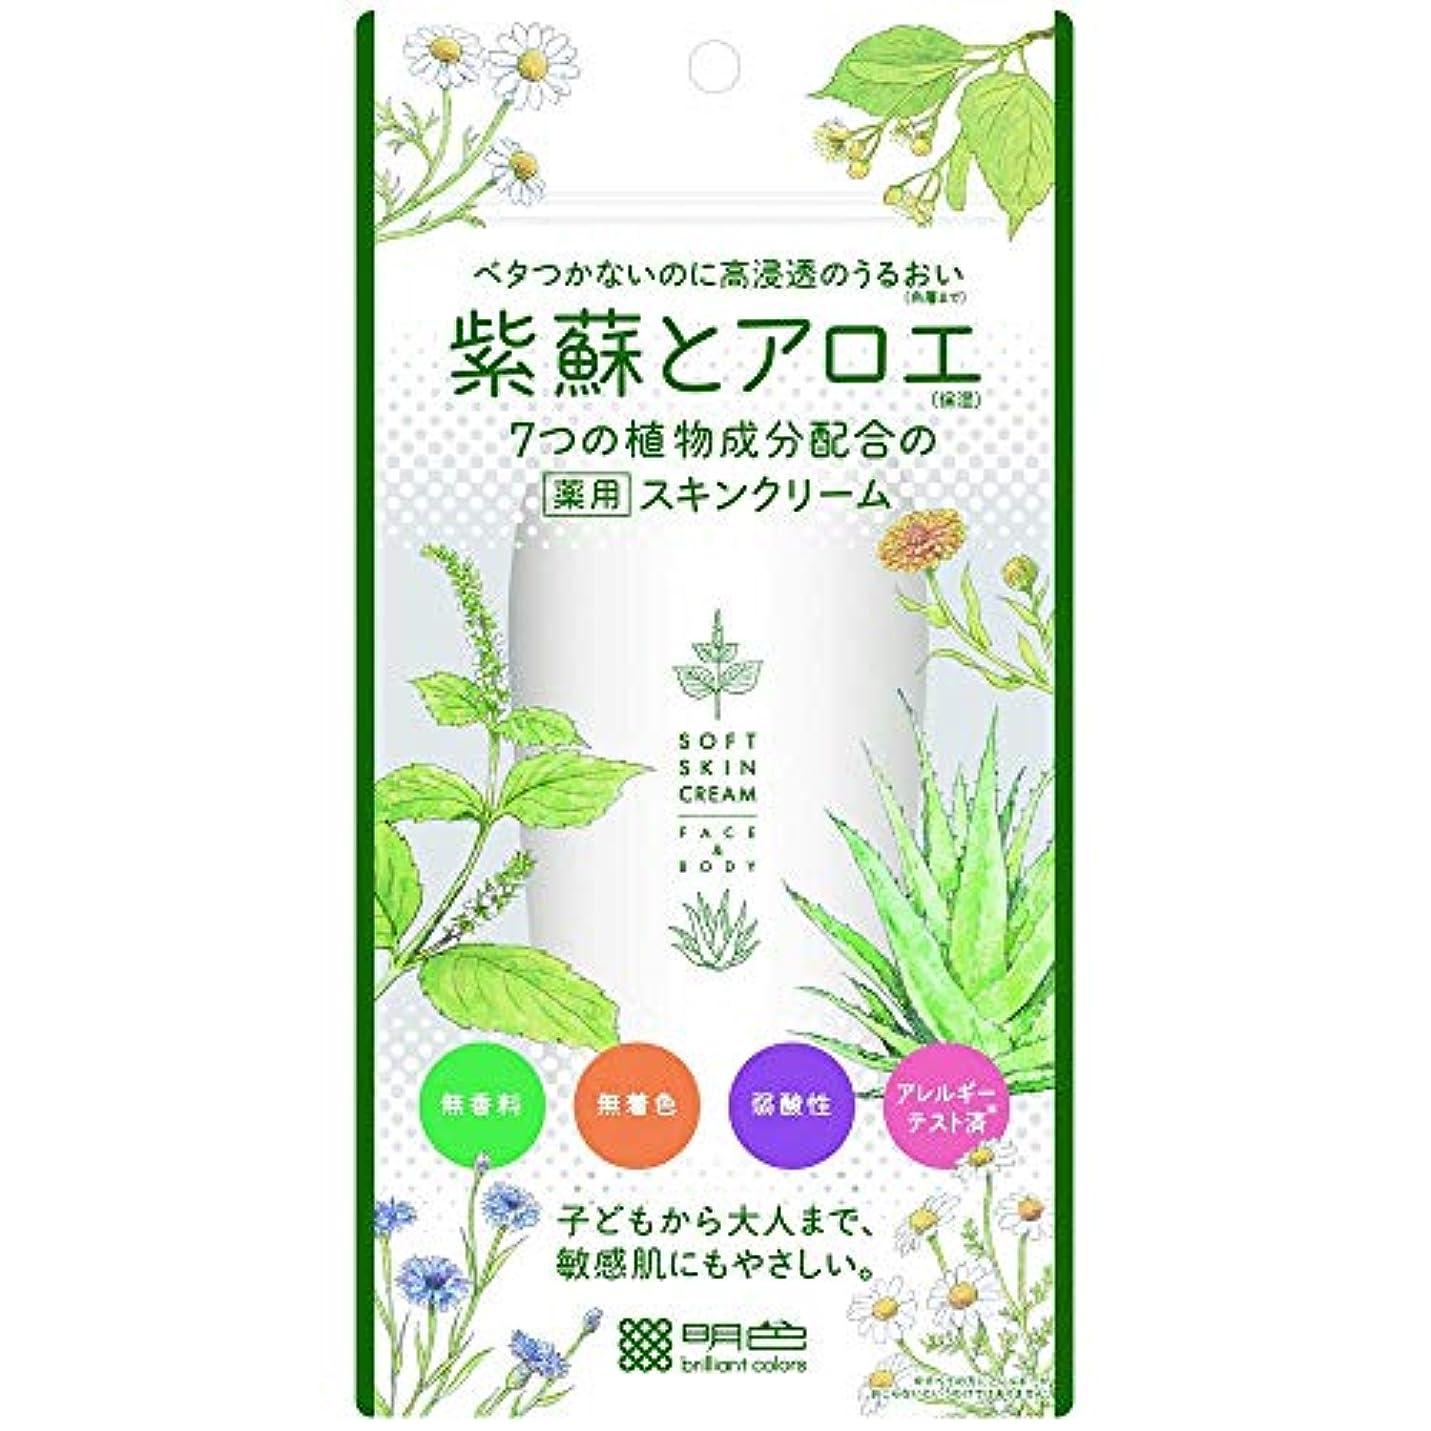 ロイヤリティ誤解確かに【8個セット】紫蘇とアロエ 薬用スキンクリーム 190g